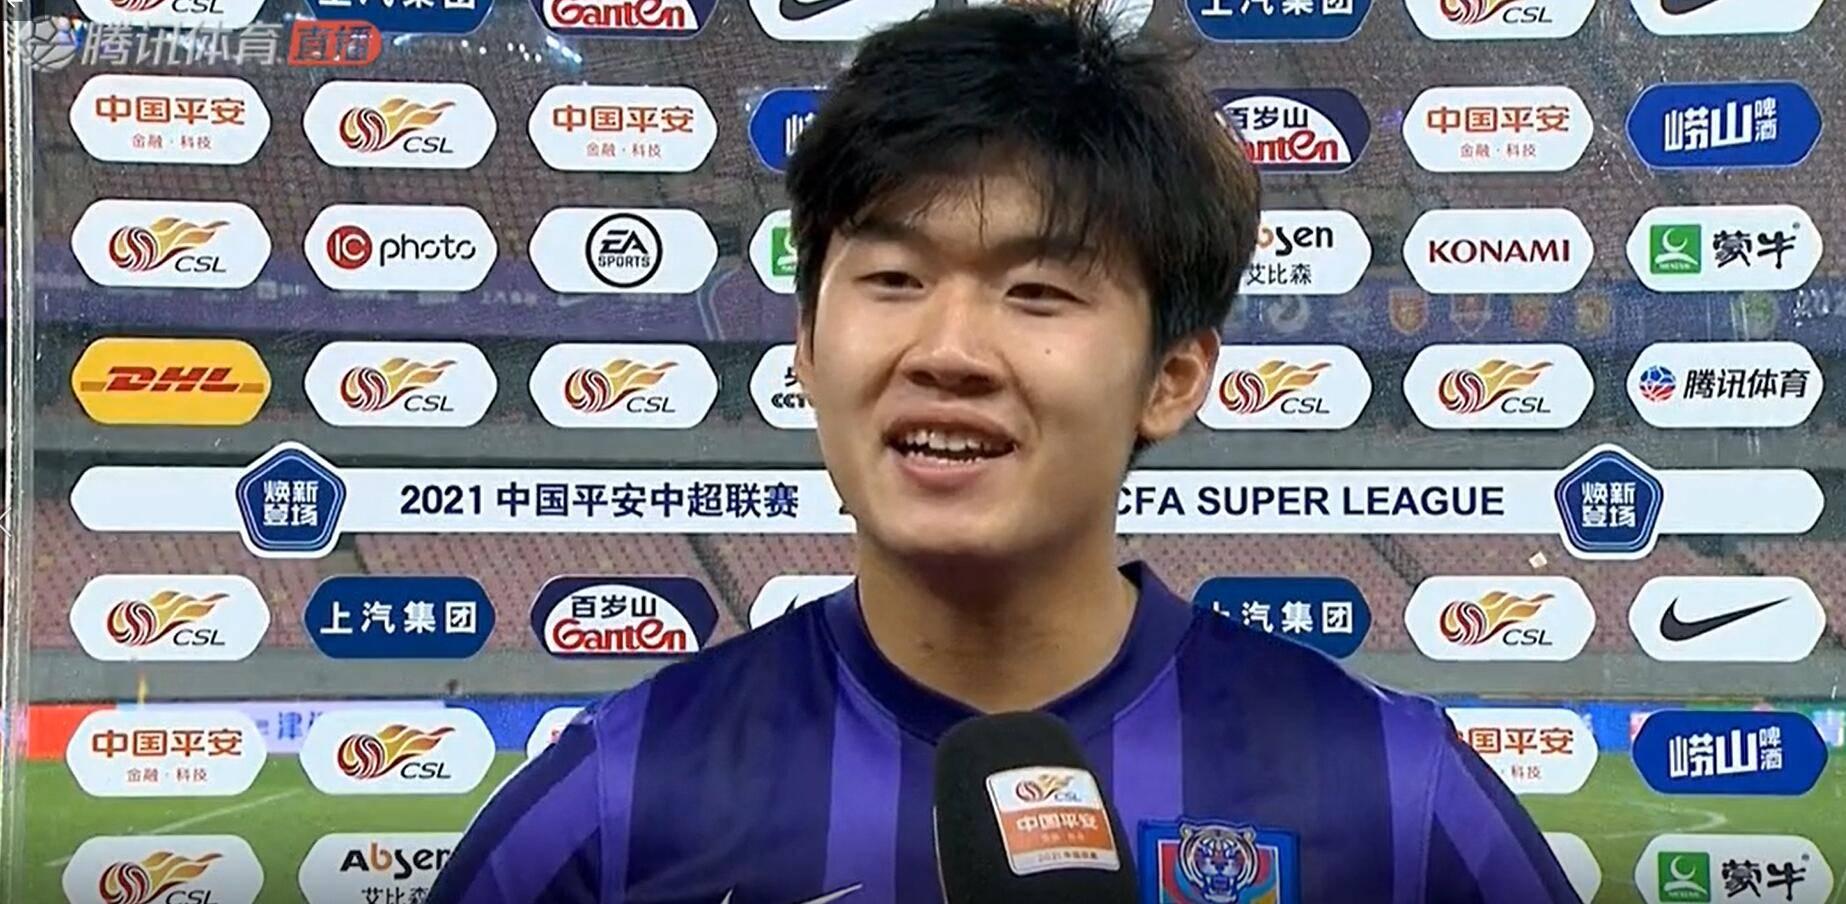 杨梓豪:津门虎拿到首胜非常激动,比赛从始至终贯彻于根伟的意图